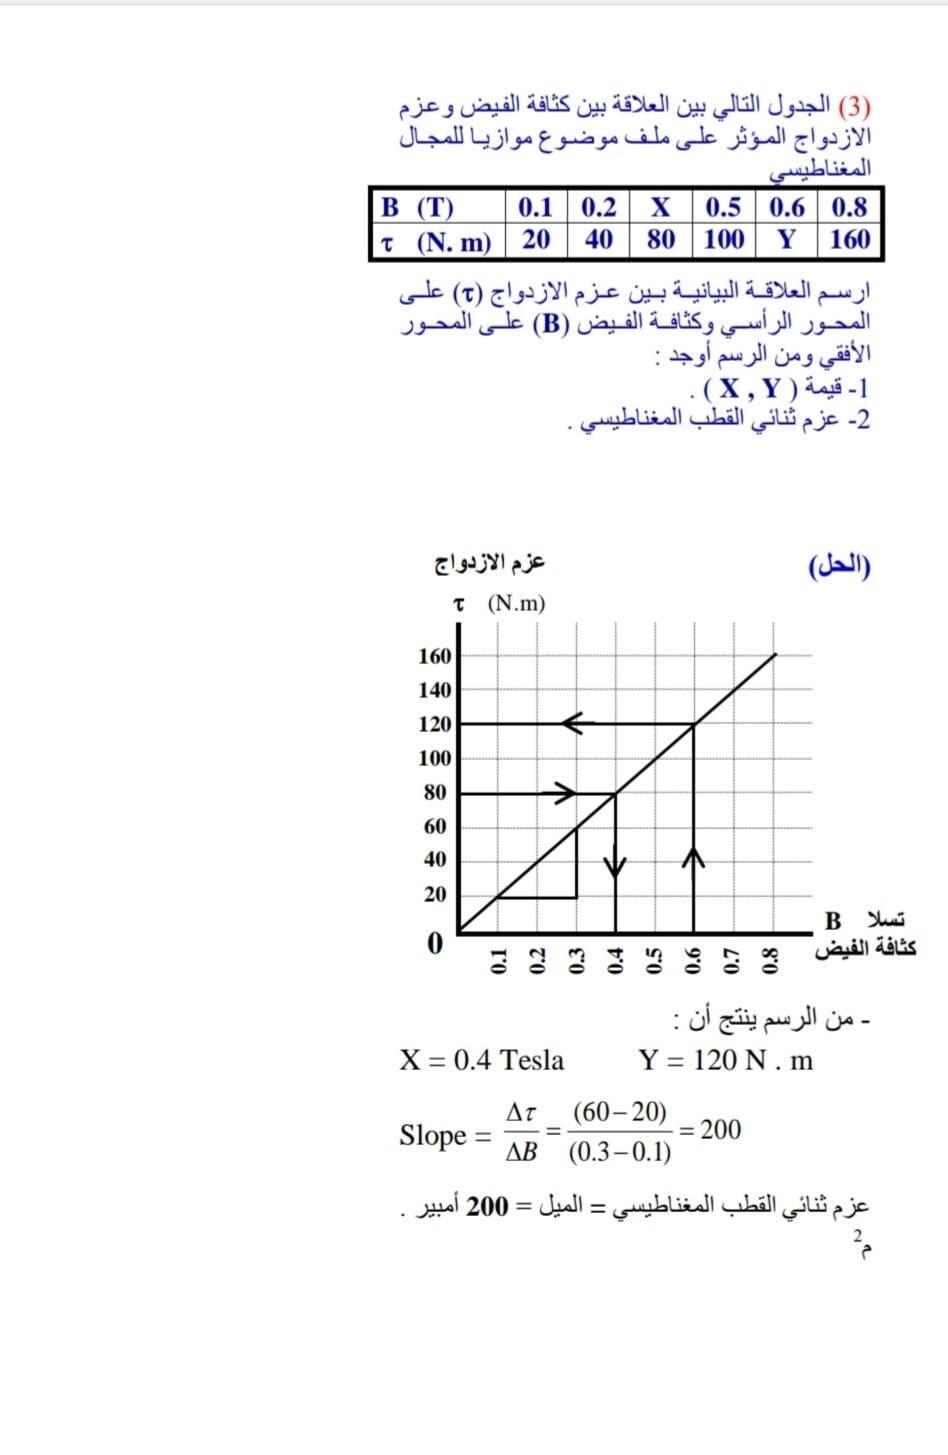 الرسوم البيانية لمنهج الفيزياء للثانوية العامة - صفحة 2 6